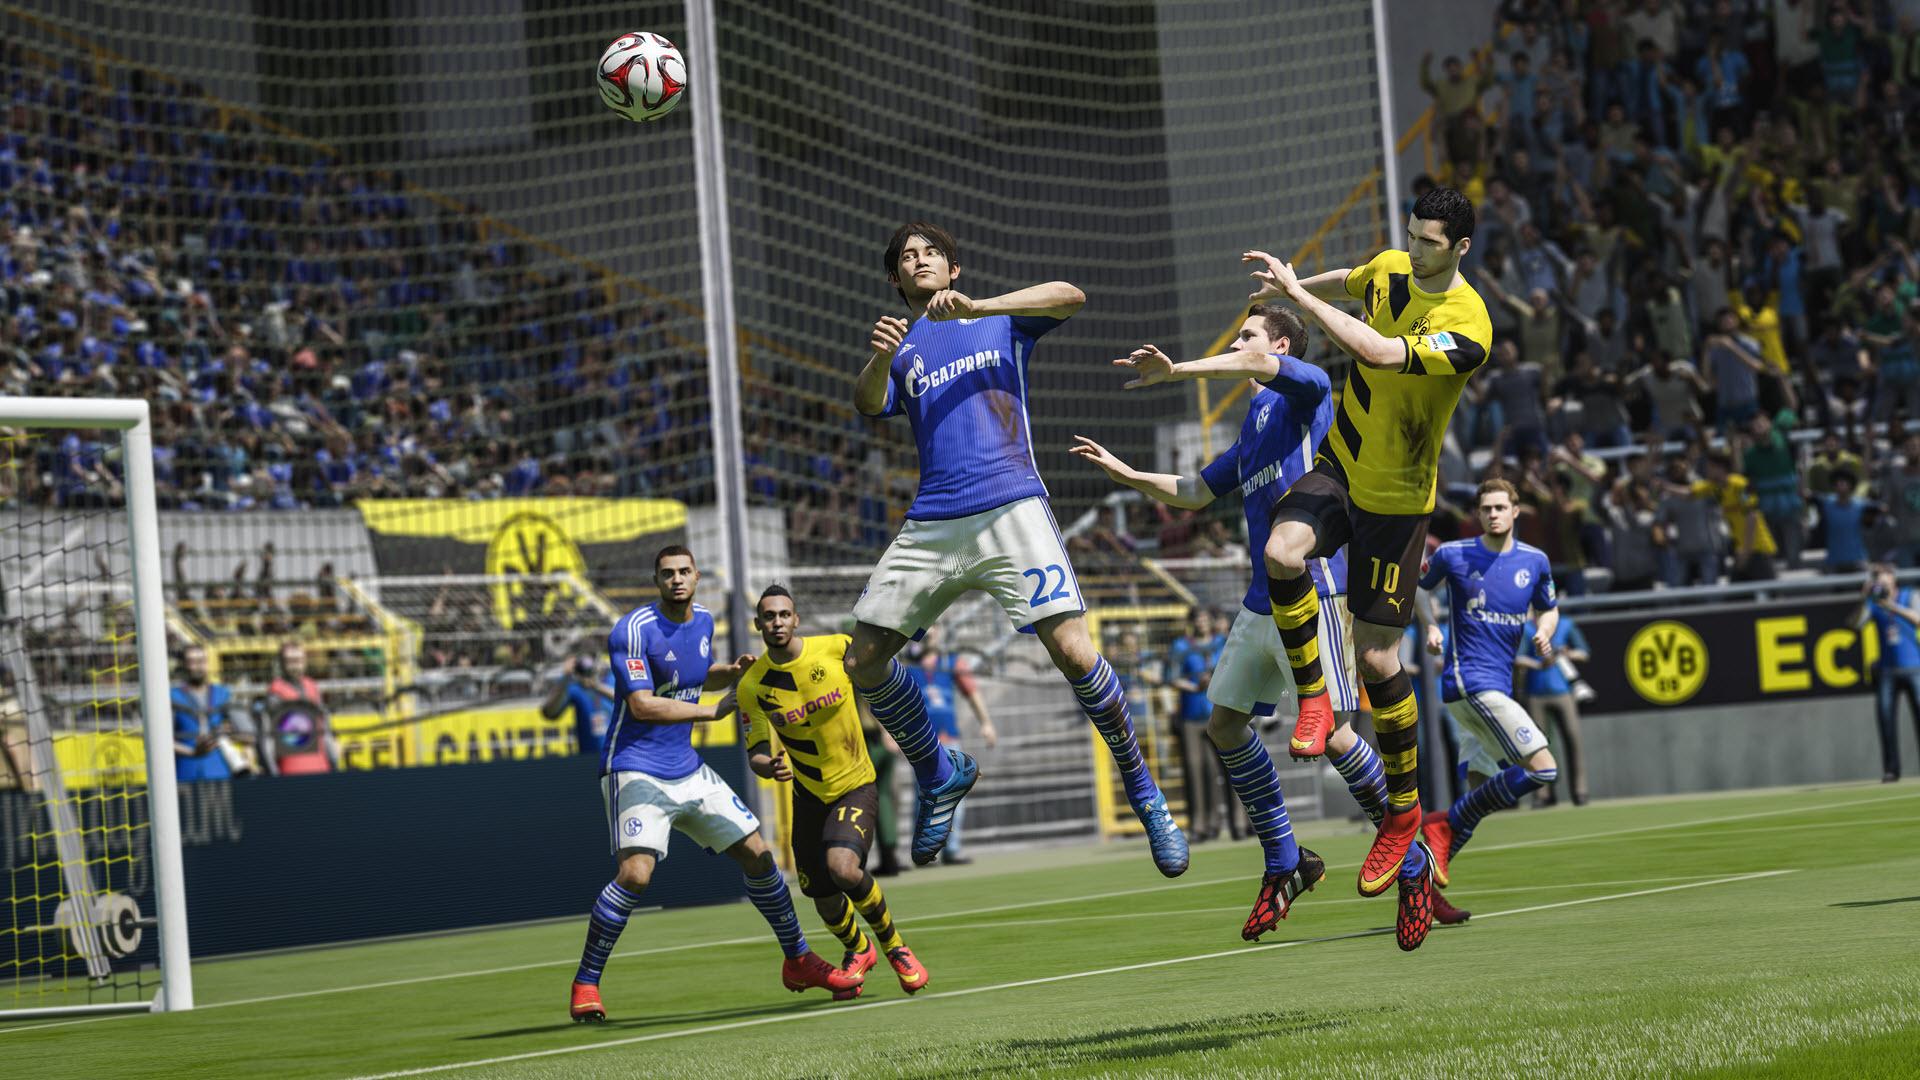 FIFA15_XboxOne_PS4_Schalke04_vs_Dortmund_Header